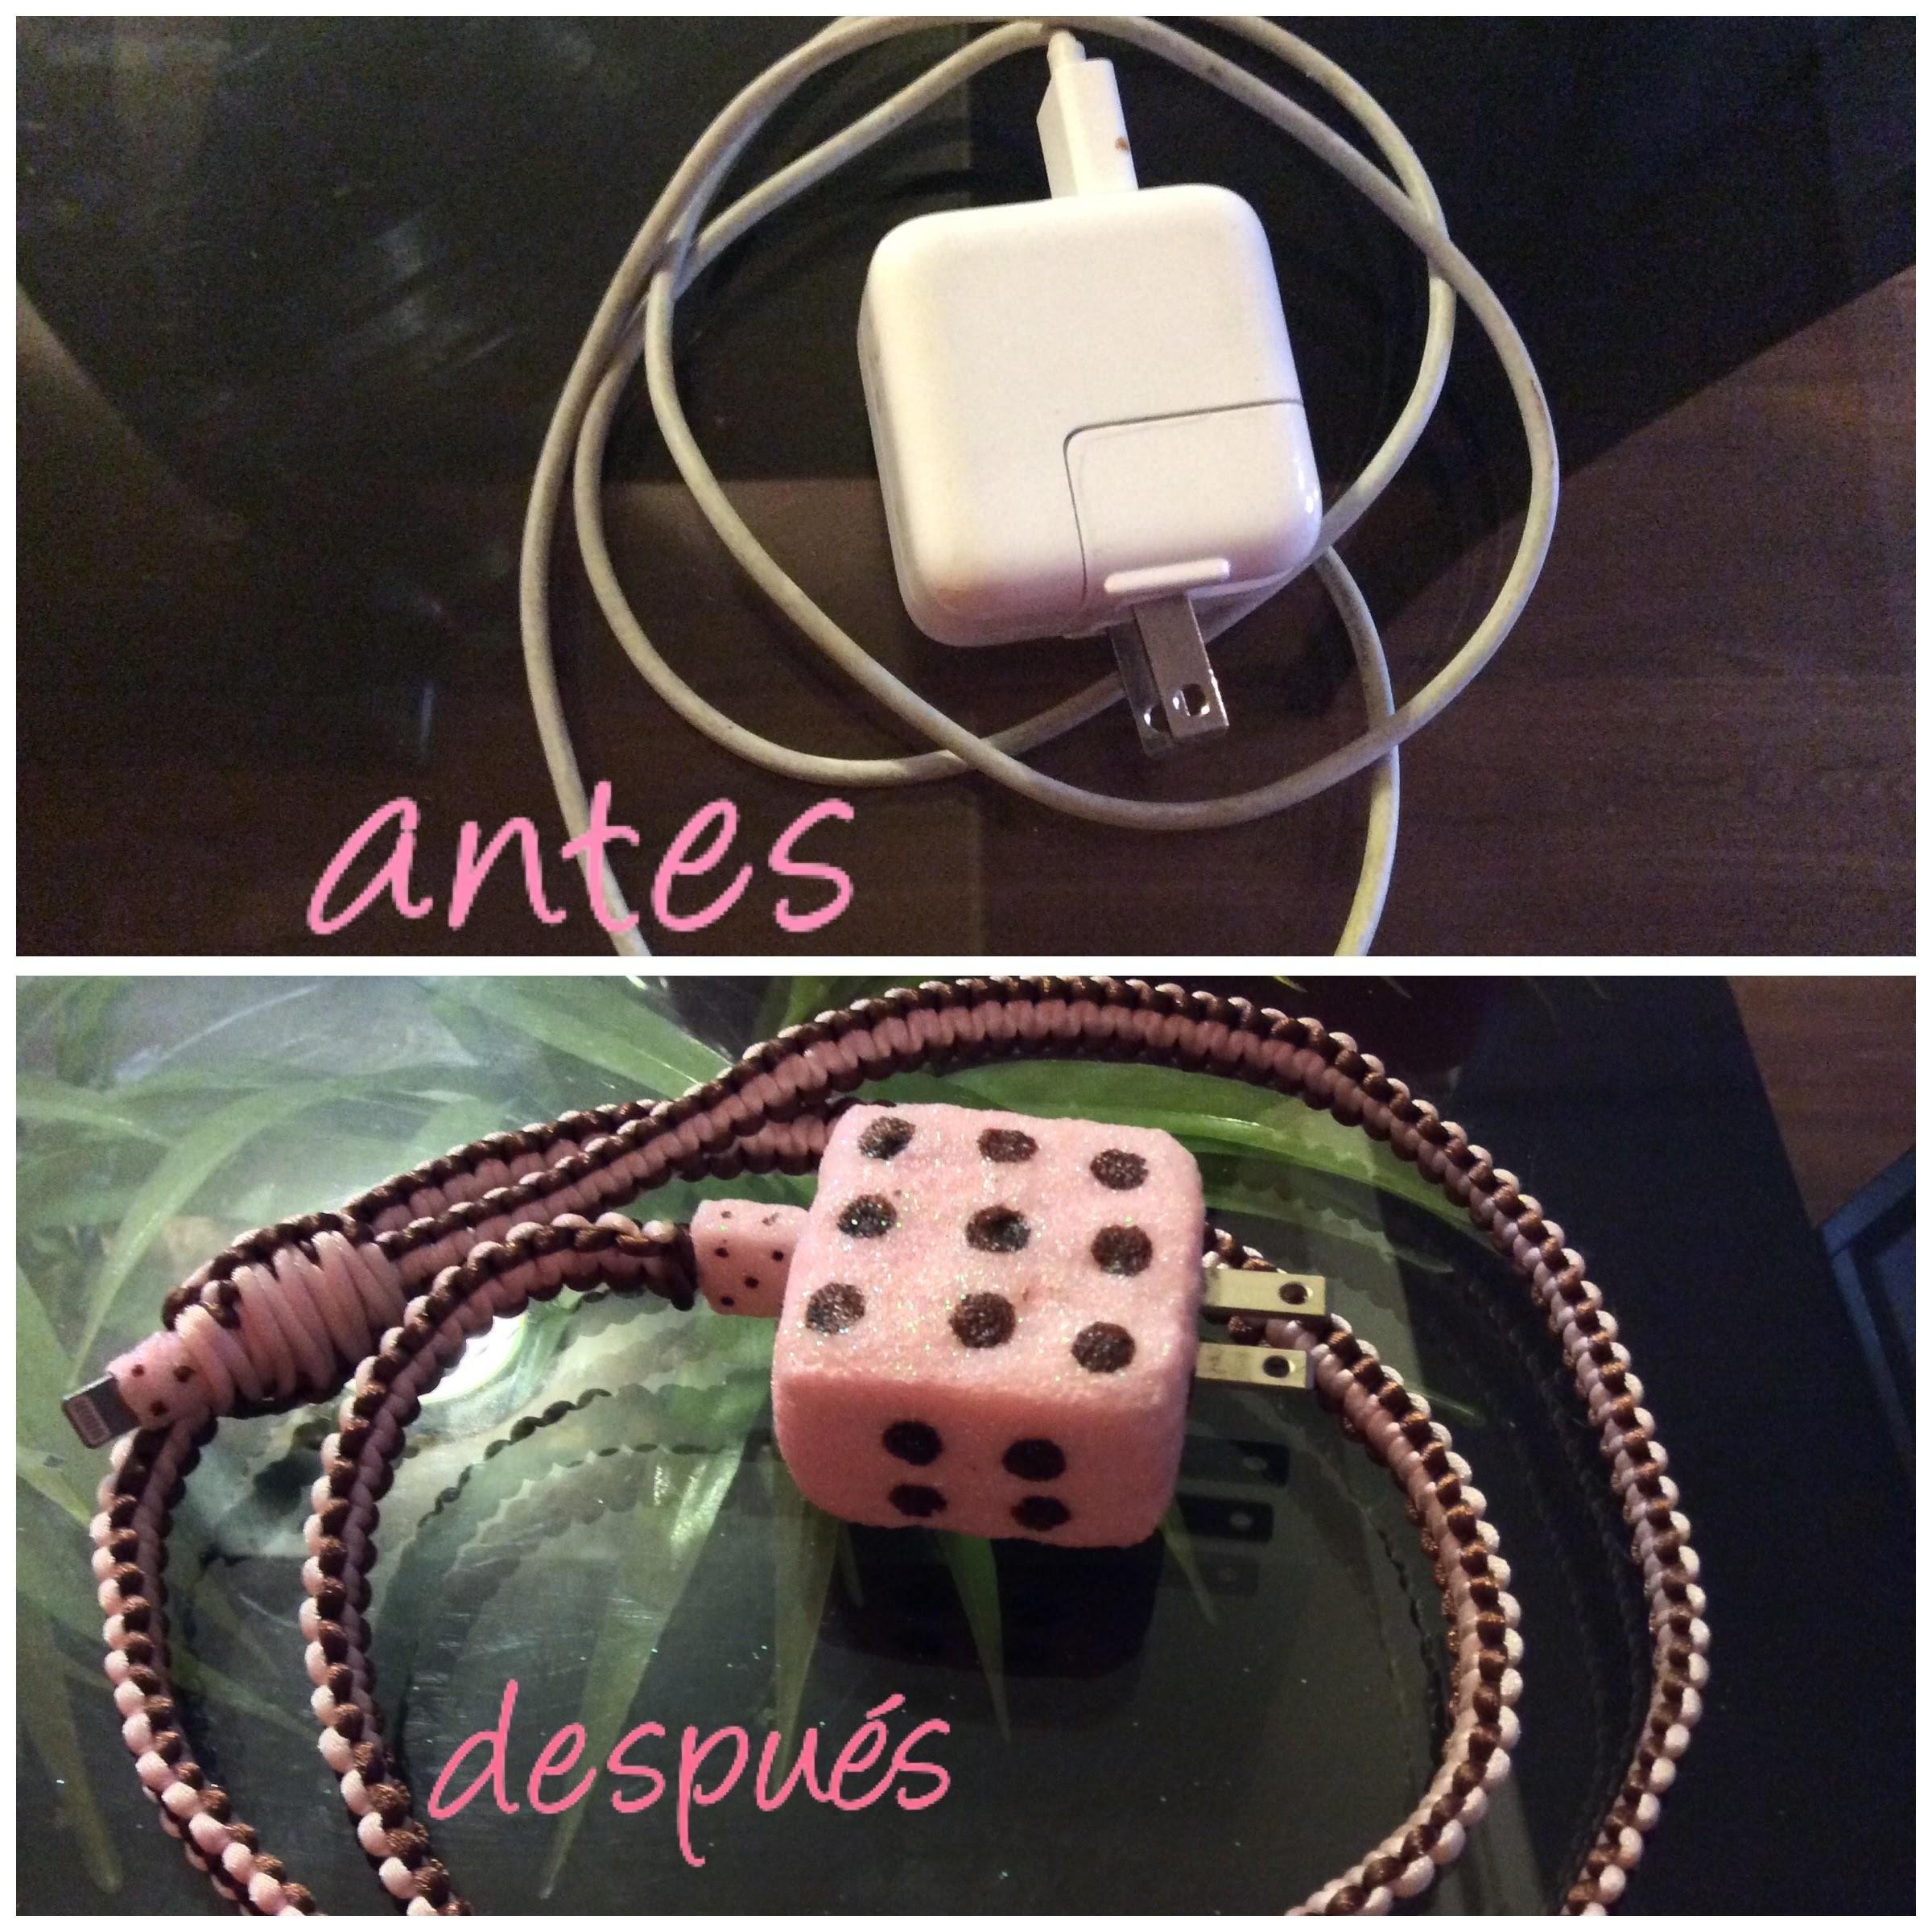 Decora el cable de tu telefono o tablet. manualidades faciles